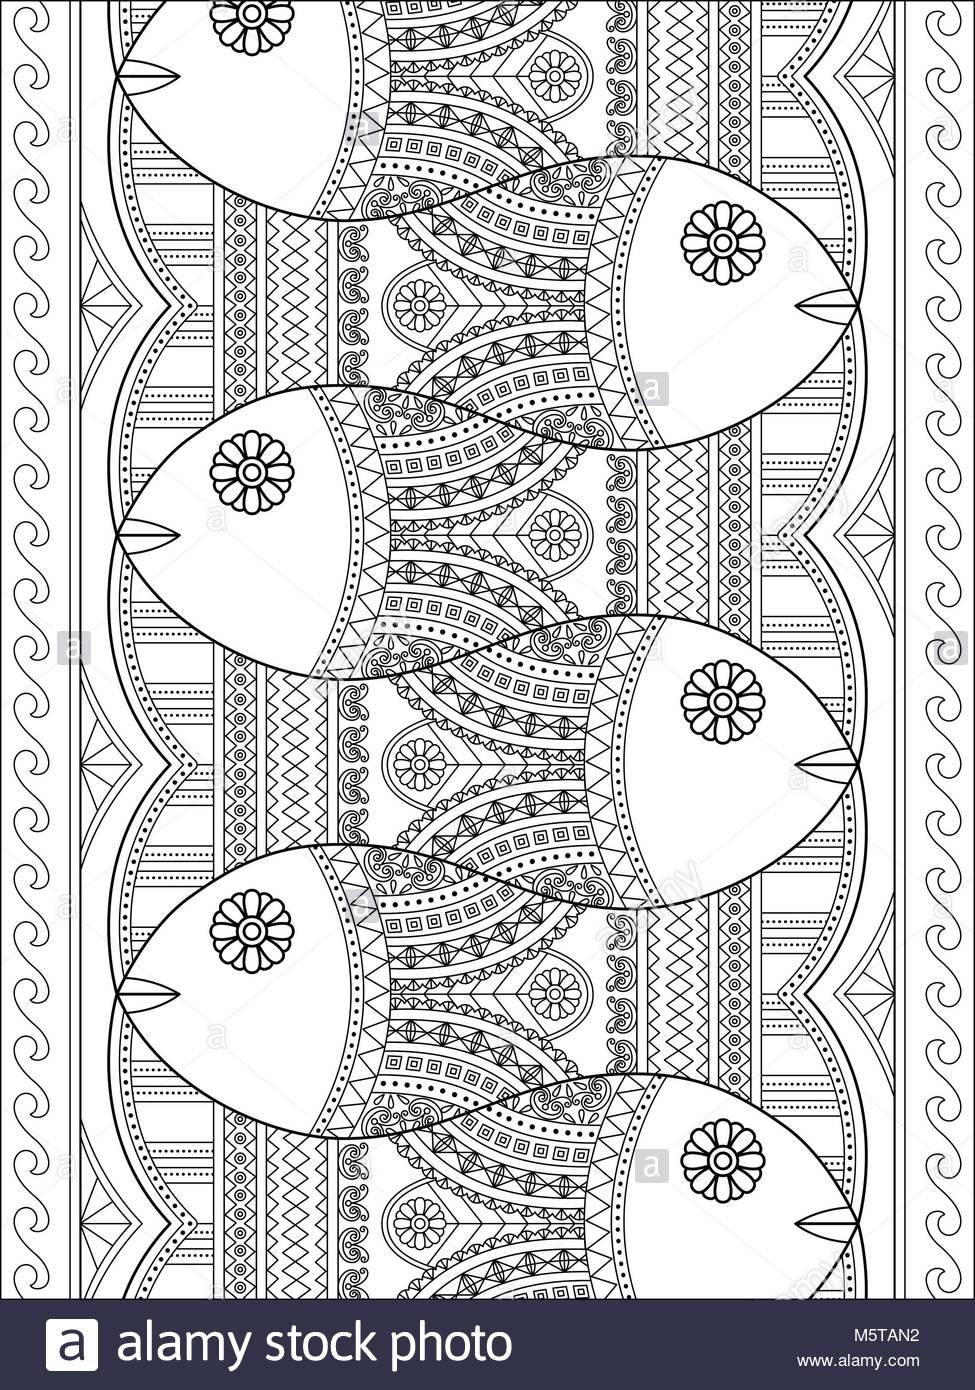 Großartig Malvorlagen Geometrische Muster Bilder - Entry Level ...